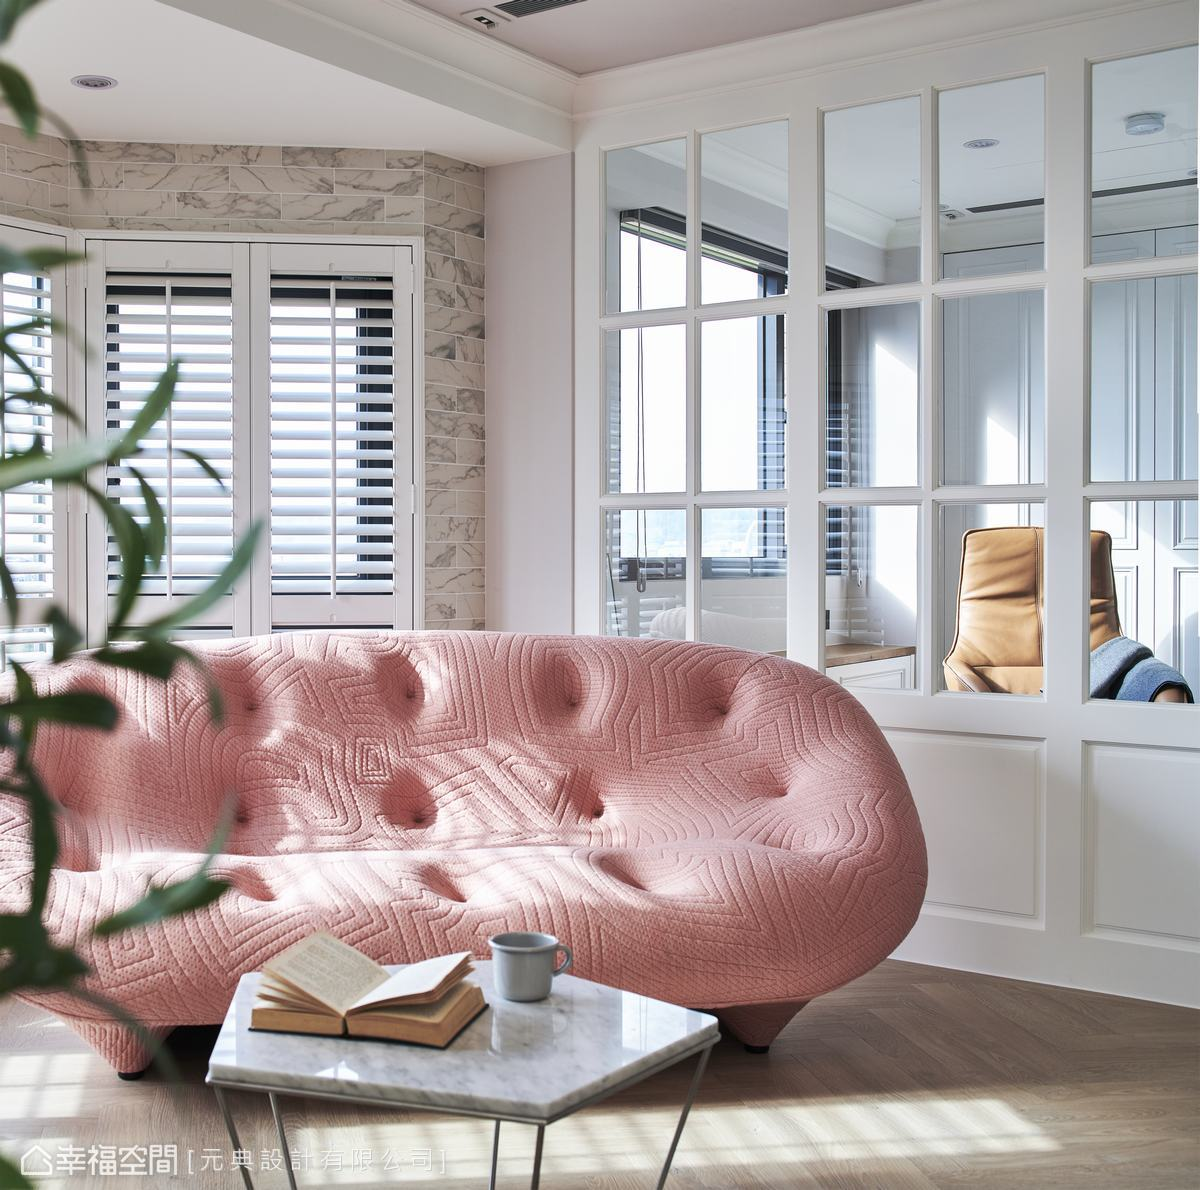 木百葉窗及線板的運用,伴隨著陽光灑落,憑添濃濃美式愜意感。